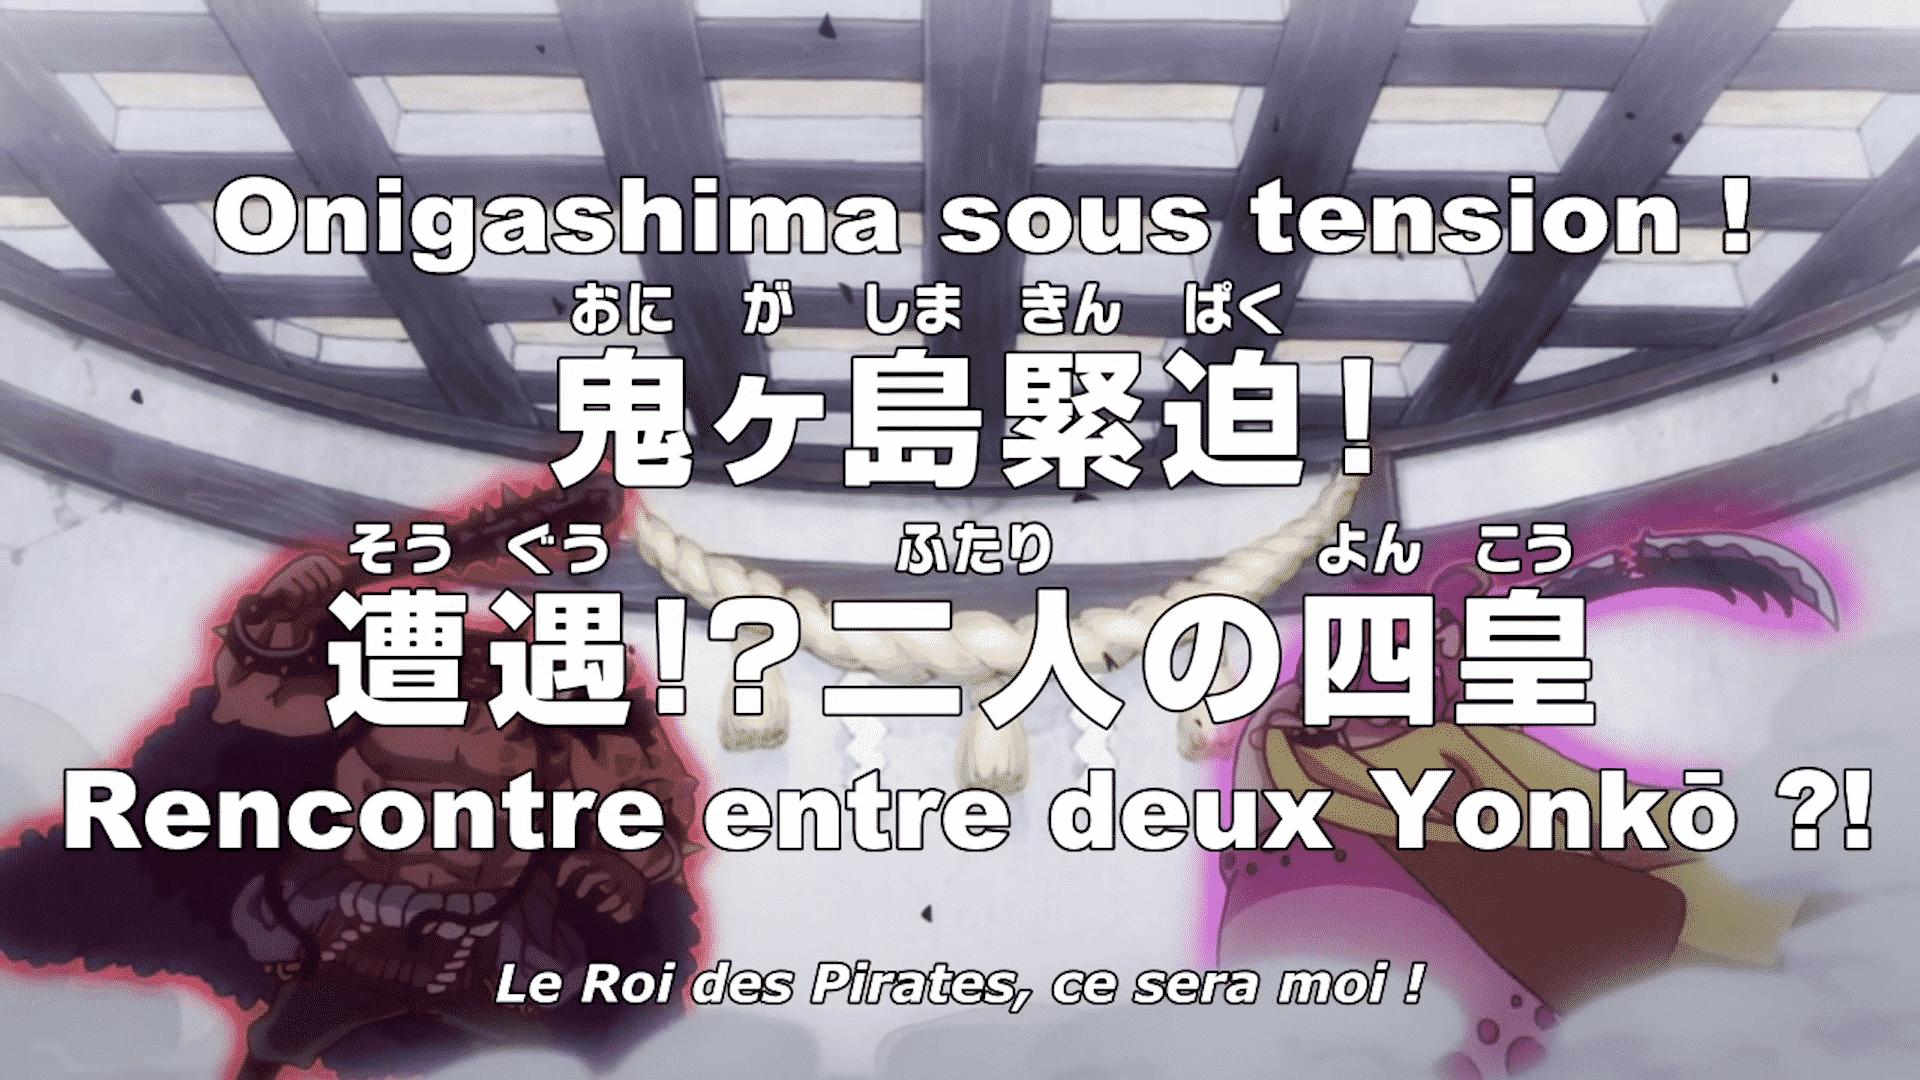 Jujutsu Kaisen Episode 9 vostfr - Petit poisson et retour de Bàton 19